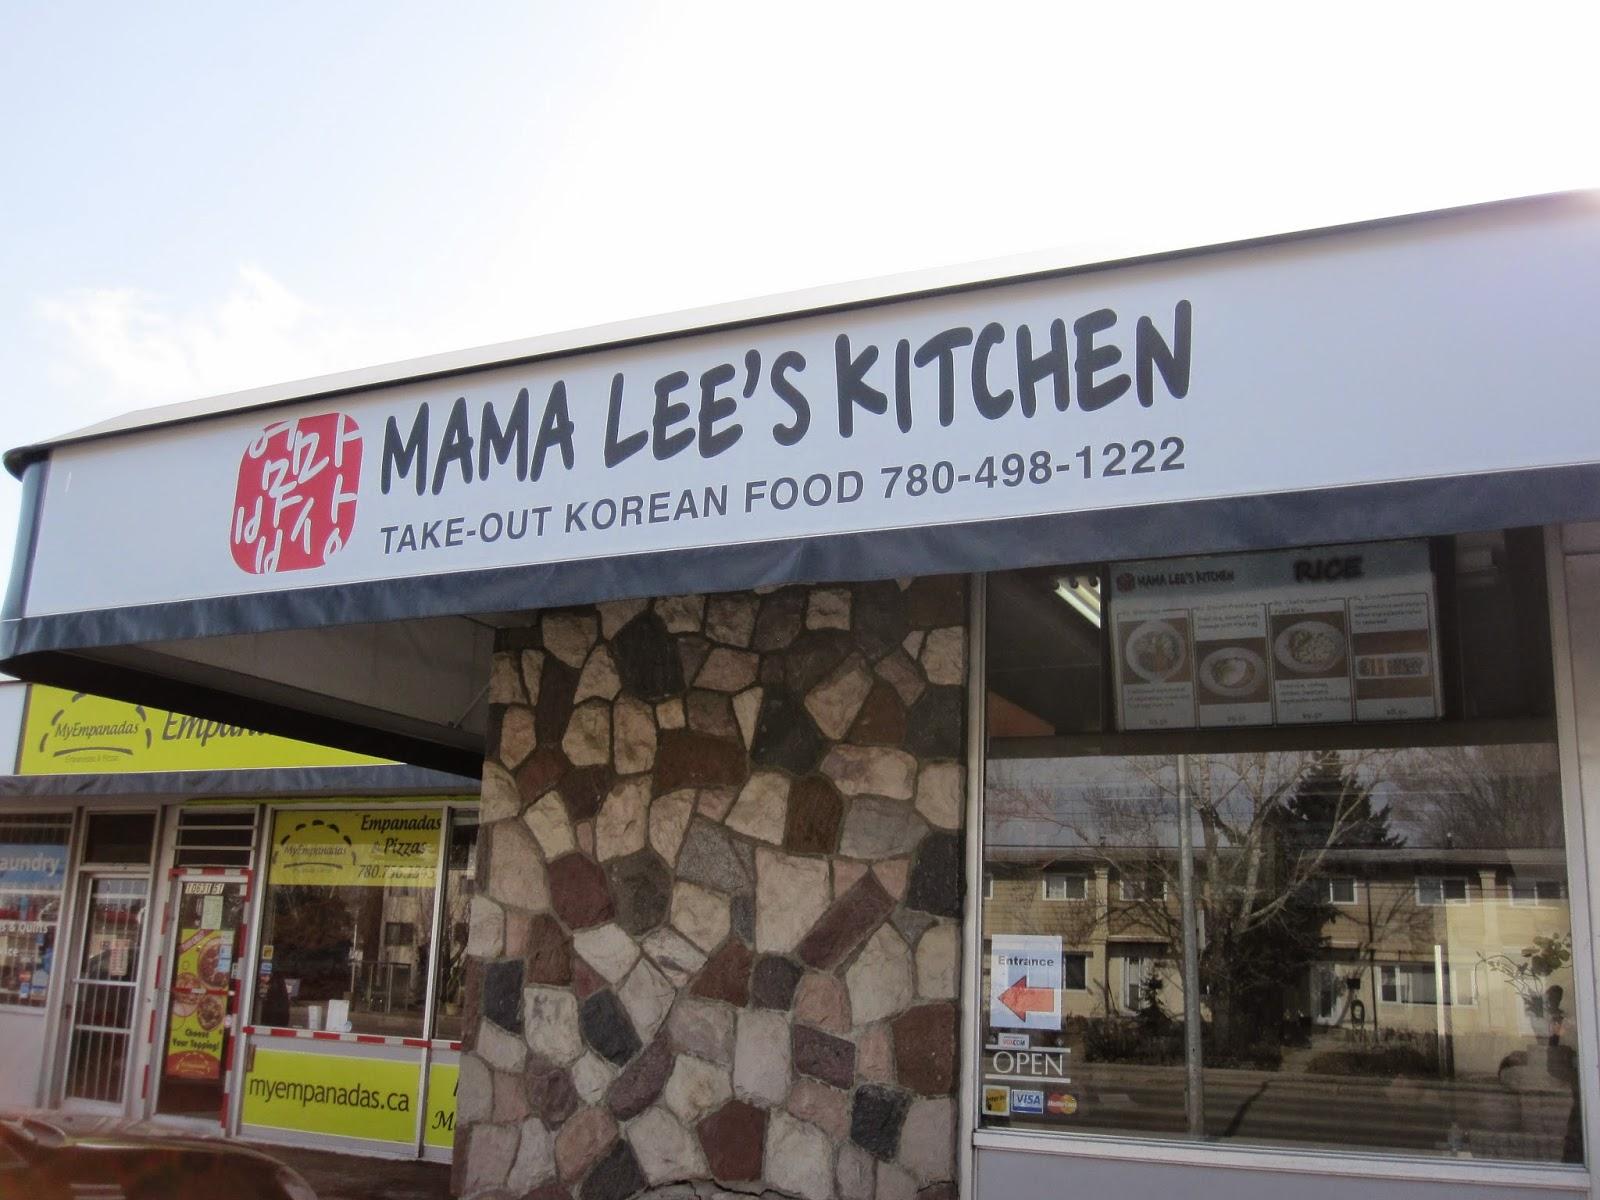 Delicious Eats Guaranteed at Mama Lees Kitchen